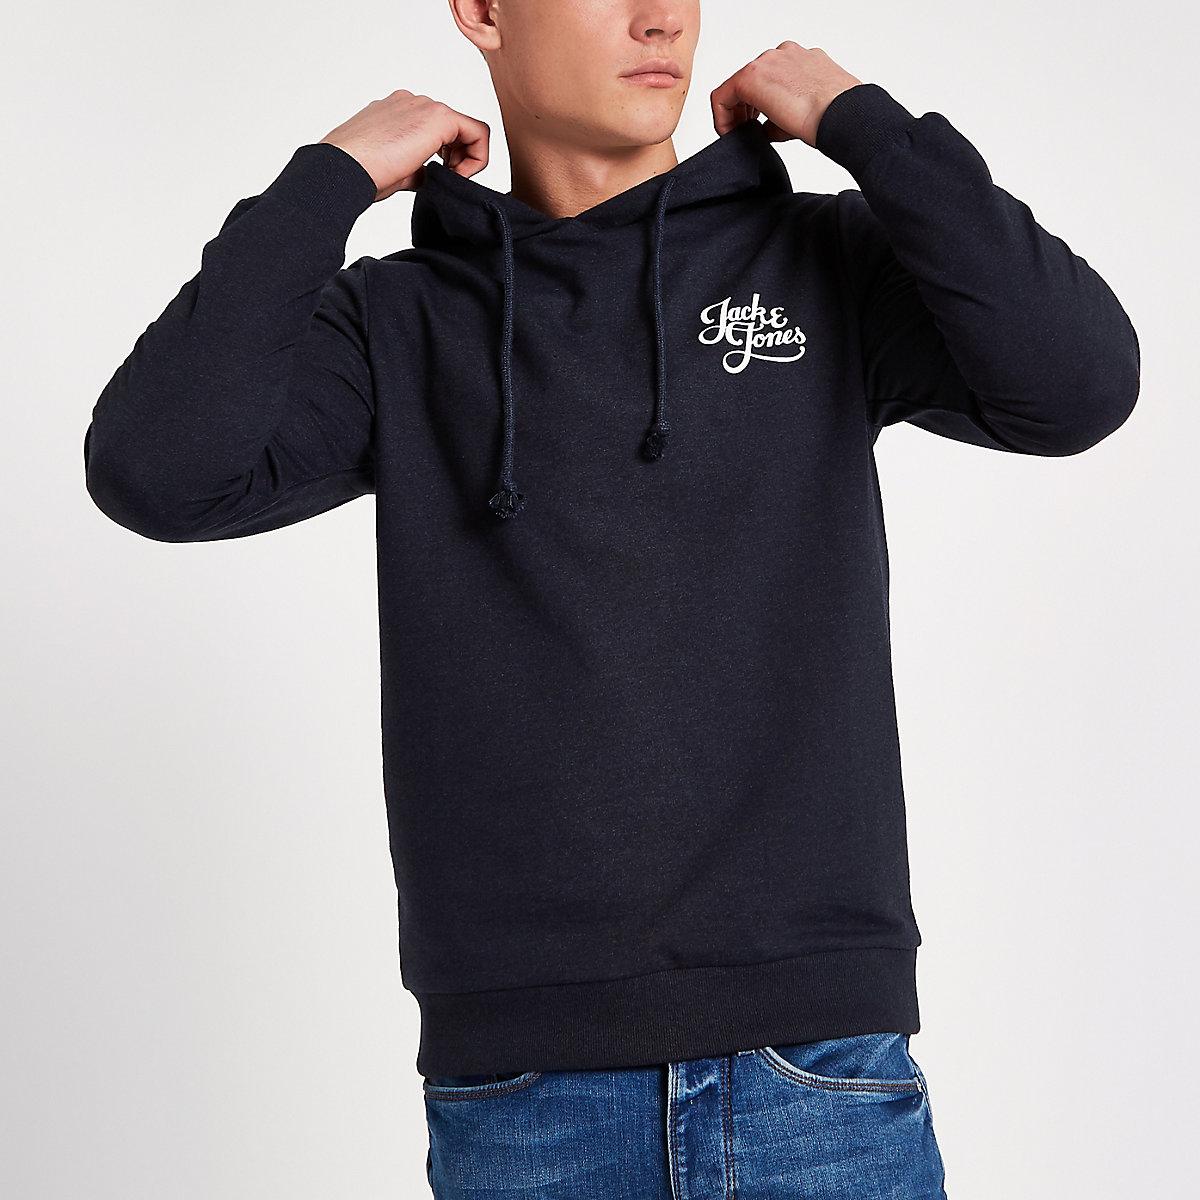 Jack & Jones Originals navy hoodie